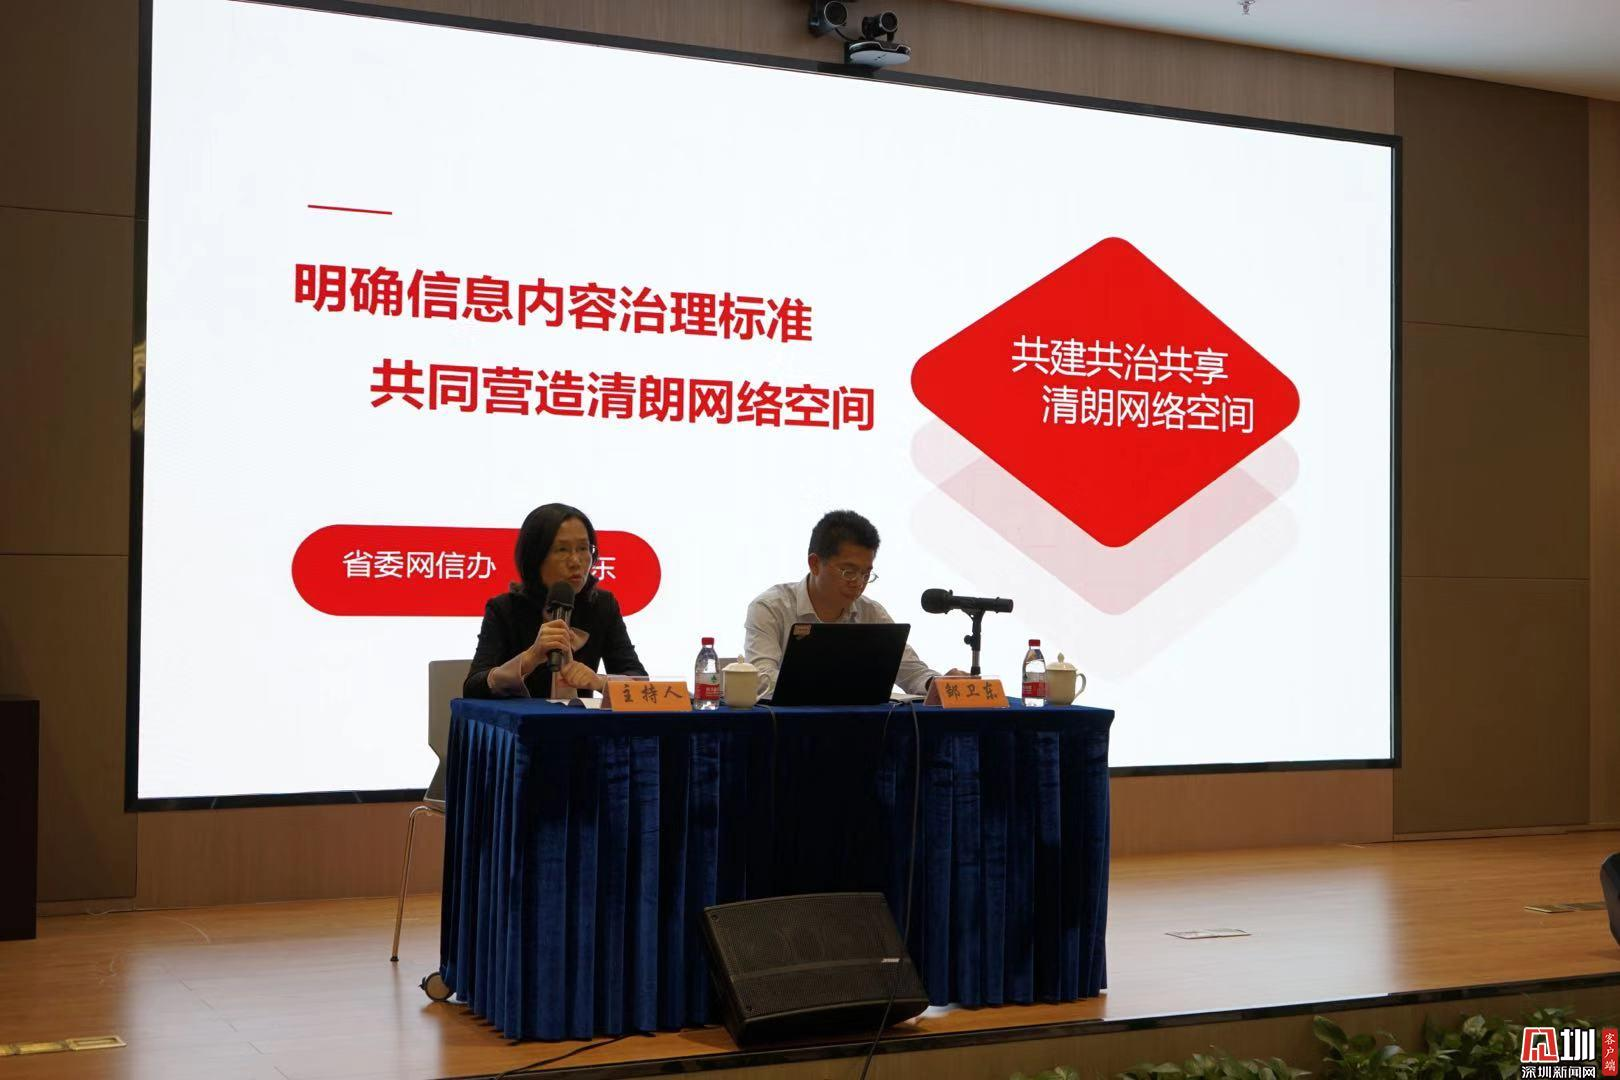 林少:知識付費會成為新商業模式入口攜手小鵝通探索